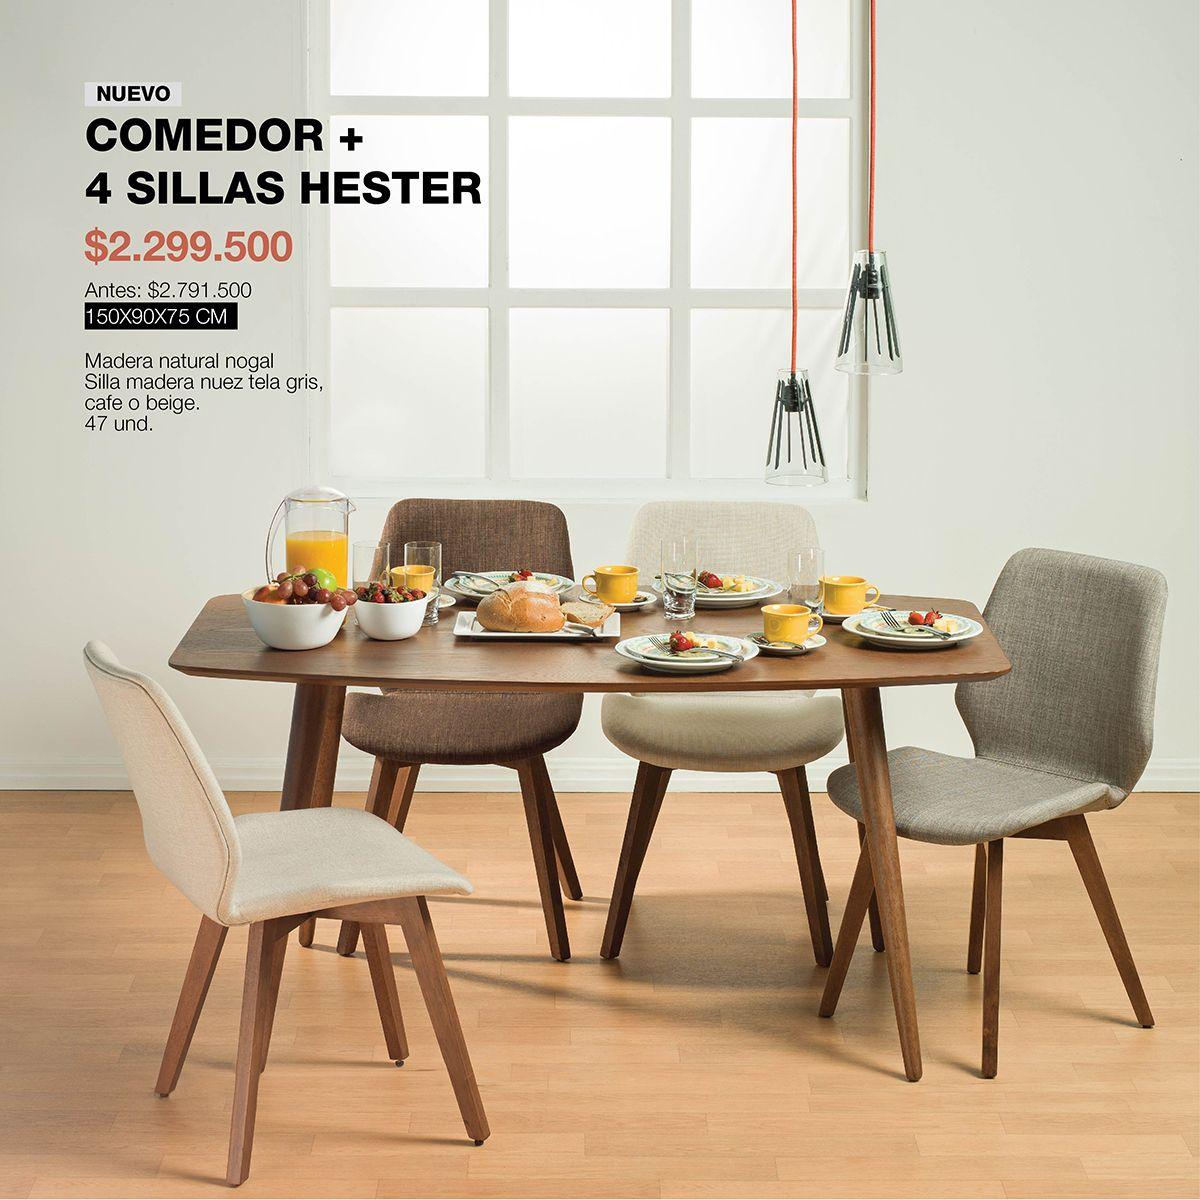 Comedor y sillas hester dise ado en madera natural con for Sillas comedor polipiel beige